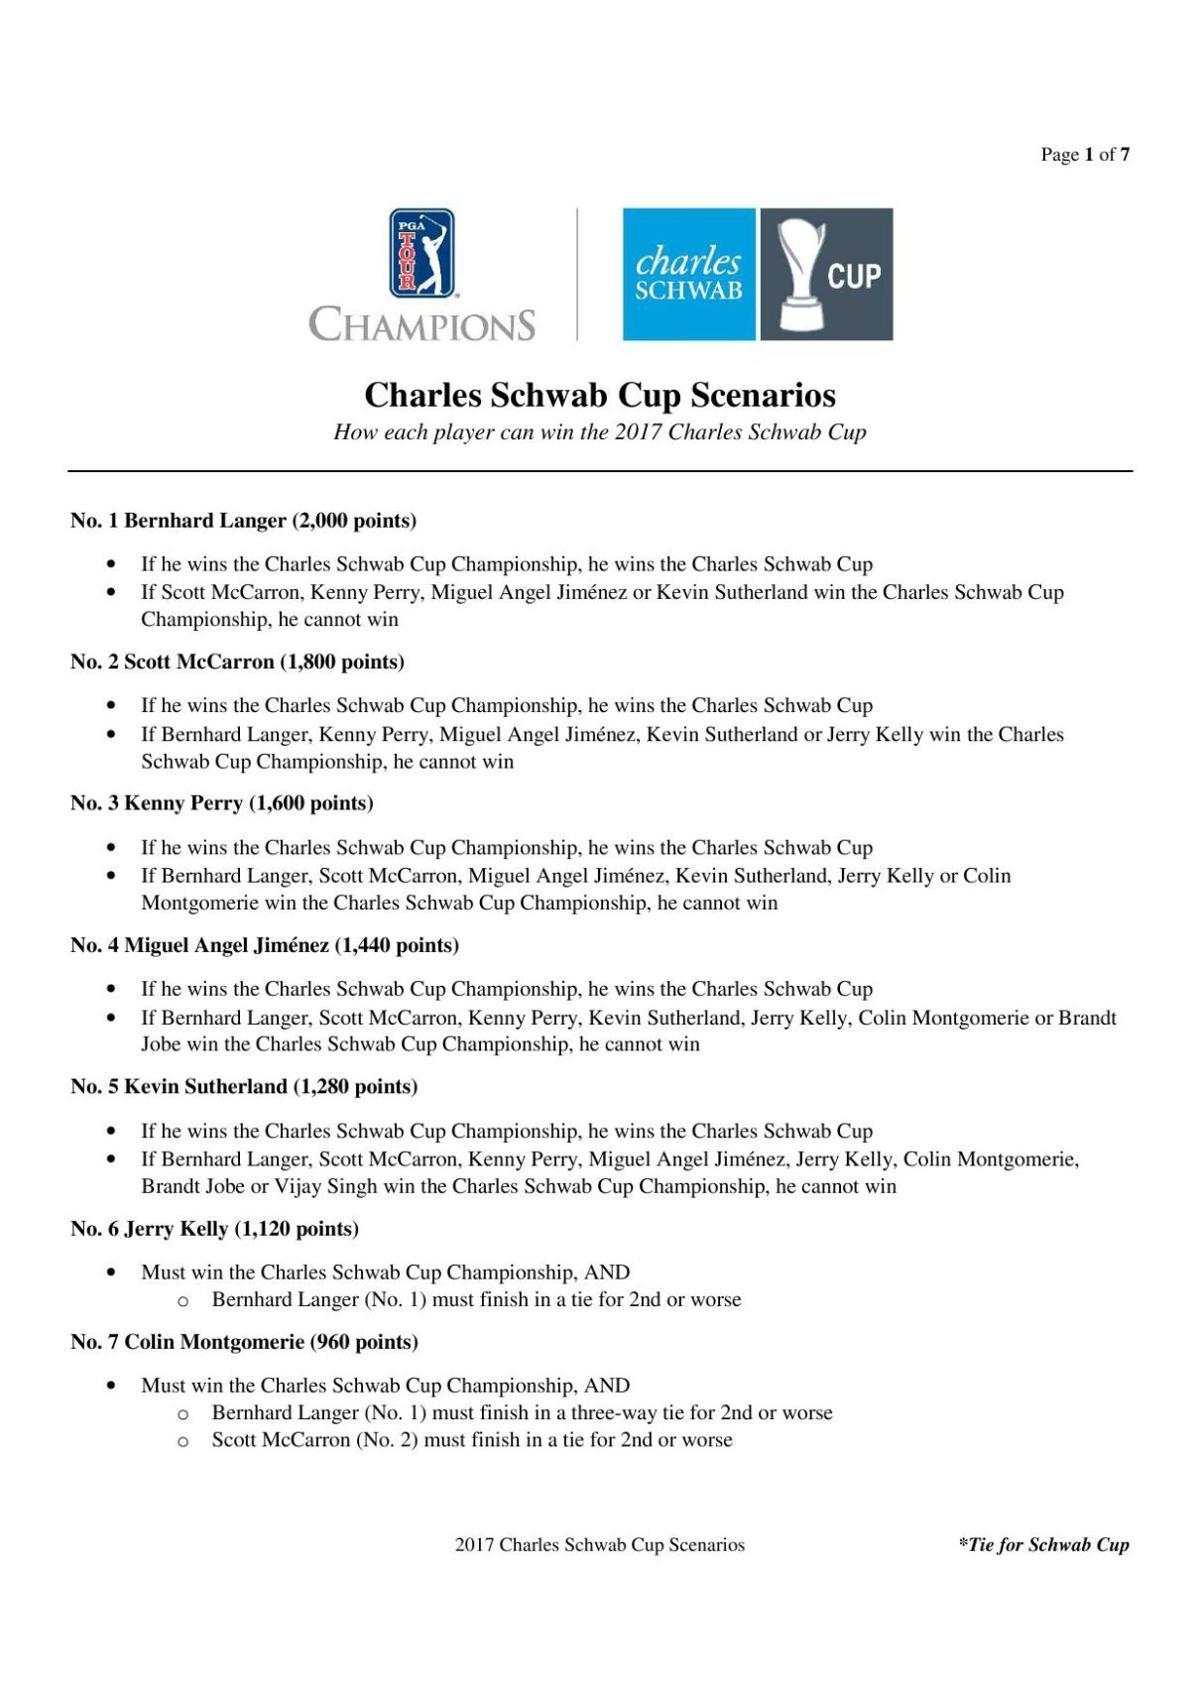 Schwab Cup Scenarios 2017.pdf